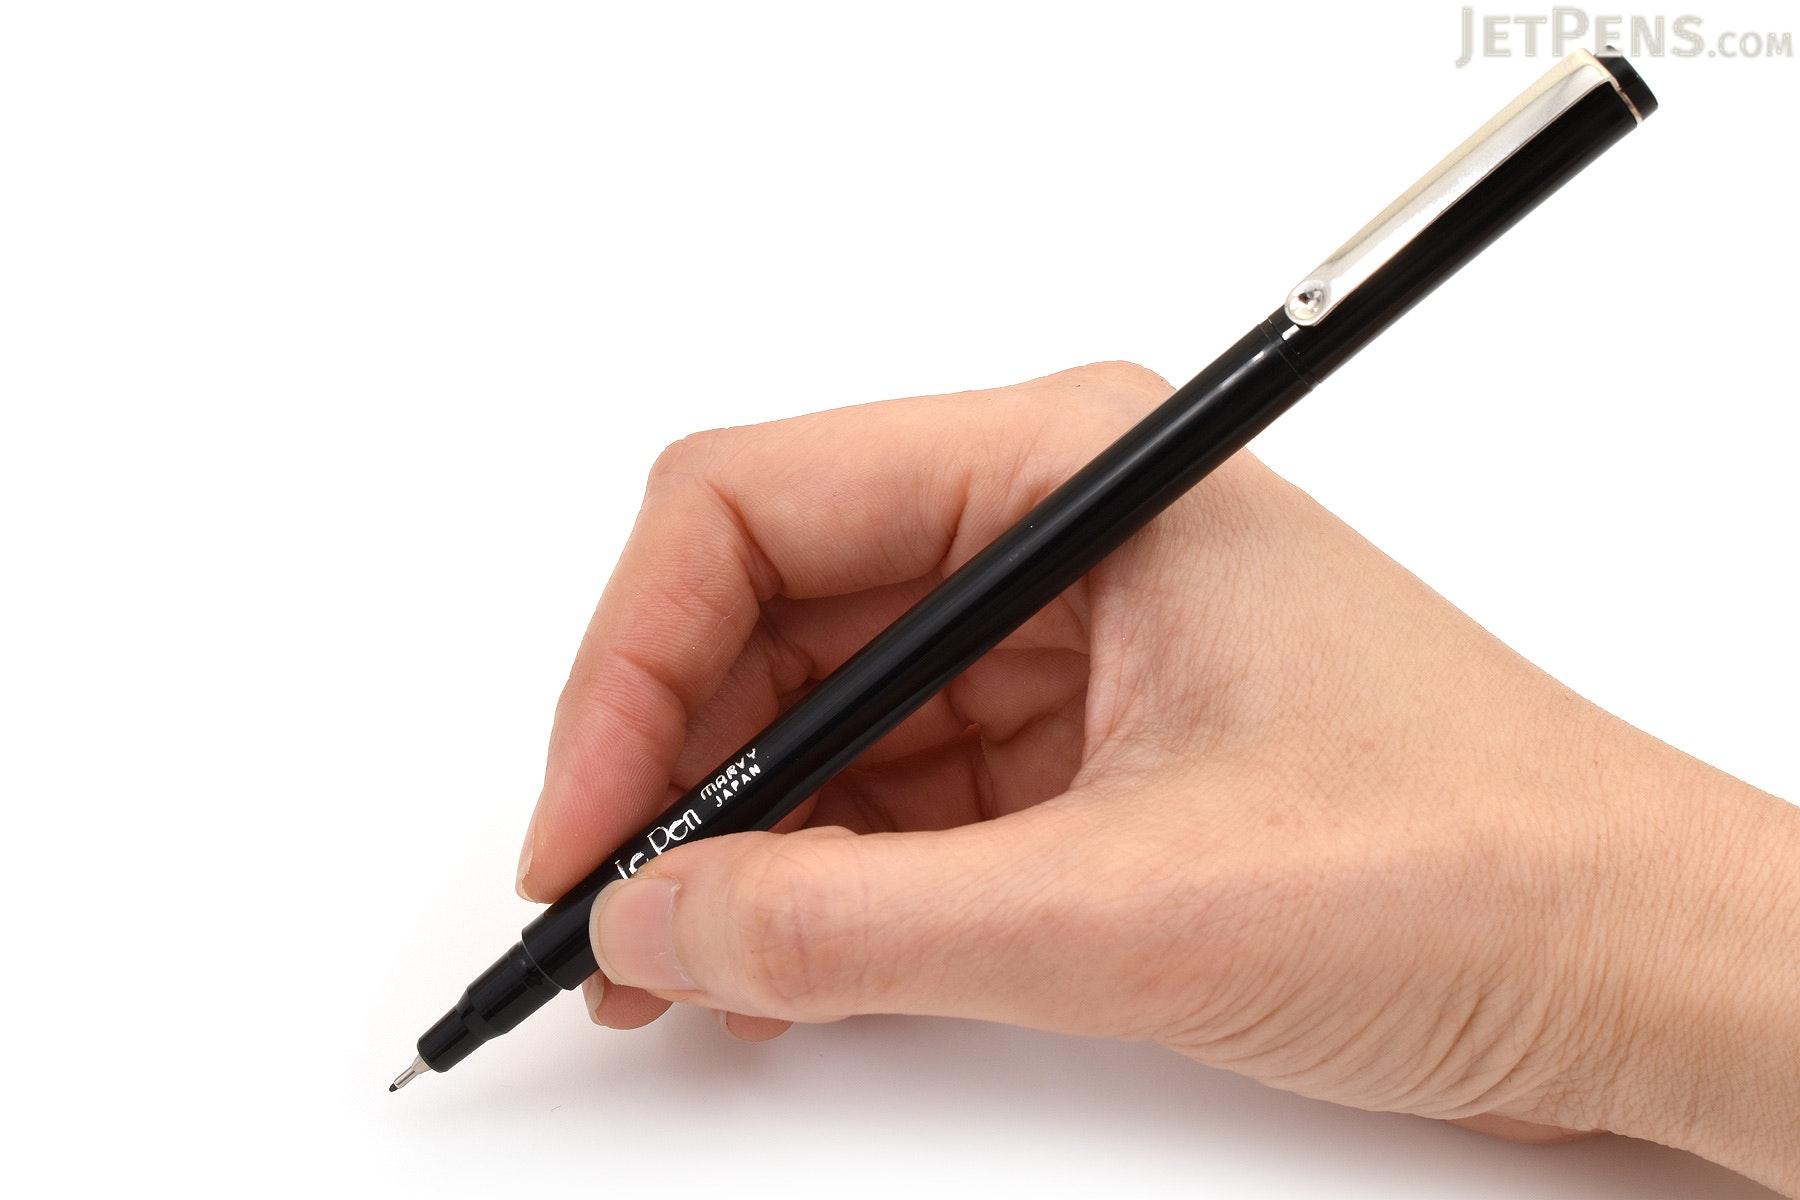 Marvy Le Pen Marker Pen - Fine Point - 4 Color Set - MARVY 4300-4A